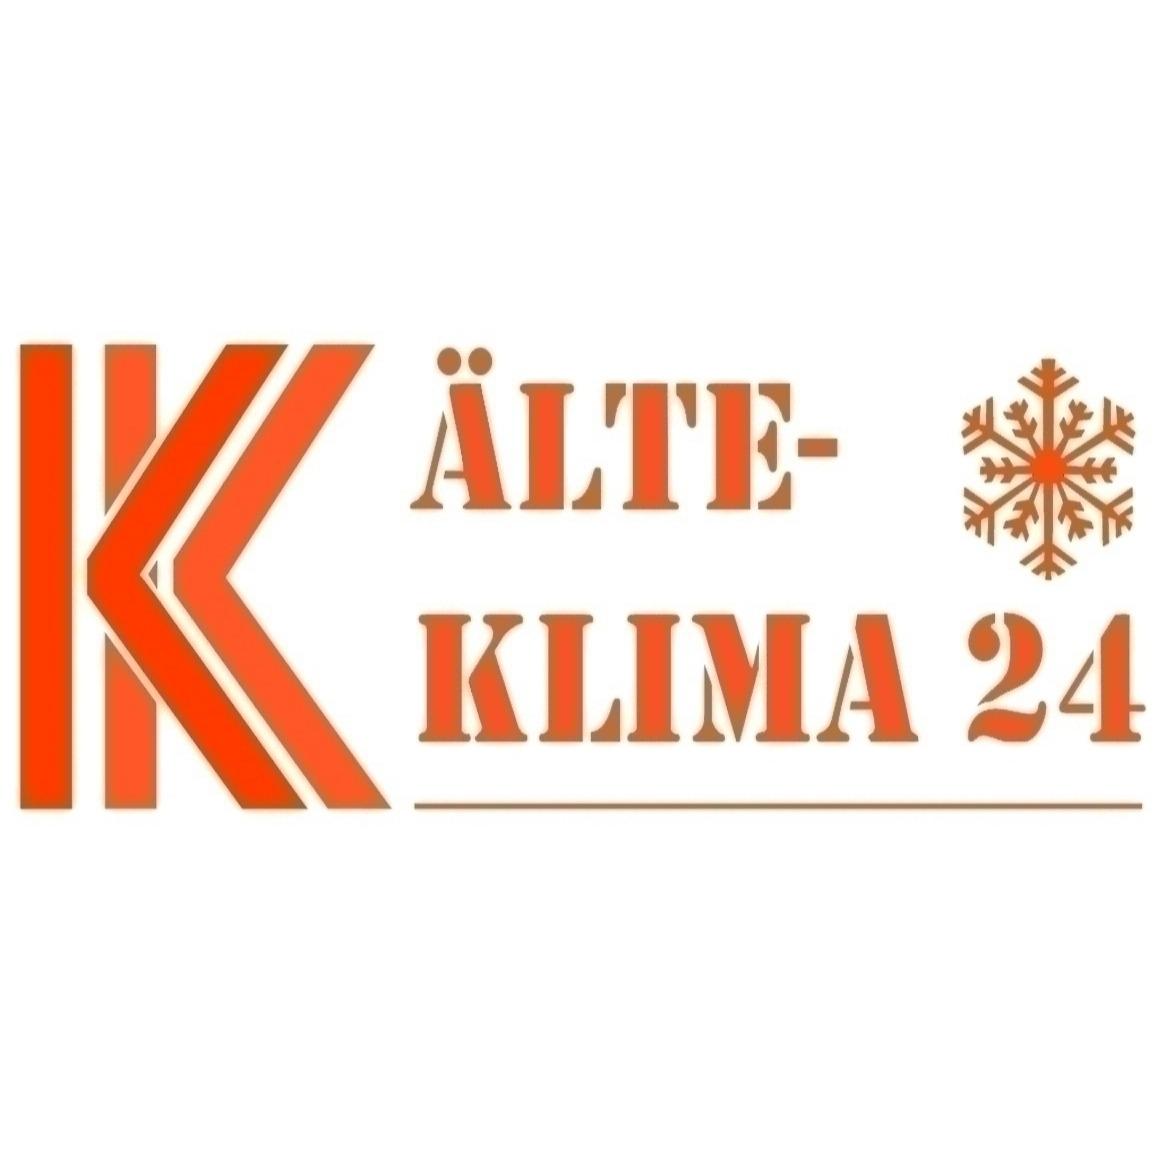 Bild zu Kältetechnik Hamburg - Kälte-Klima 24 GmbH in Hamburg